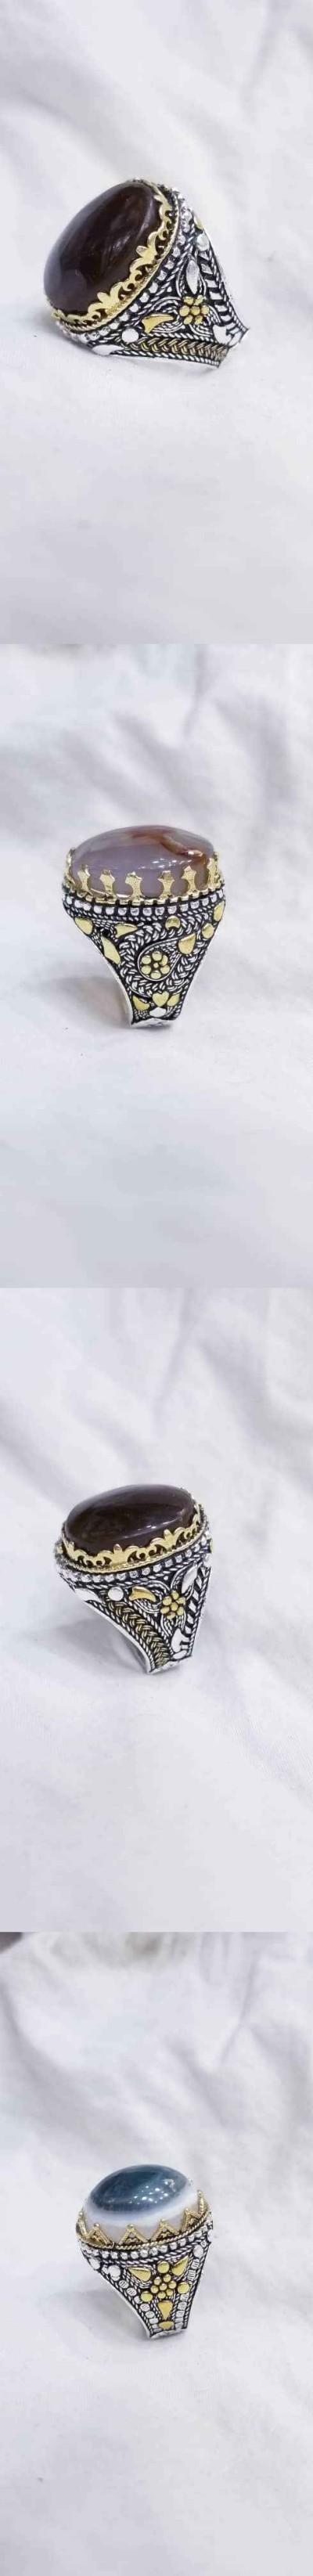 جوهرة العقيق اليماني  | eramgemston | Digital Drawing | PENUP